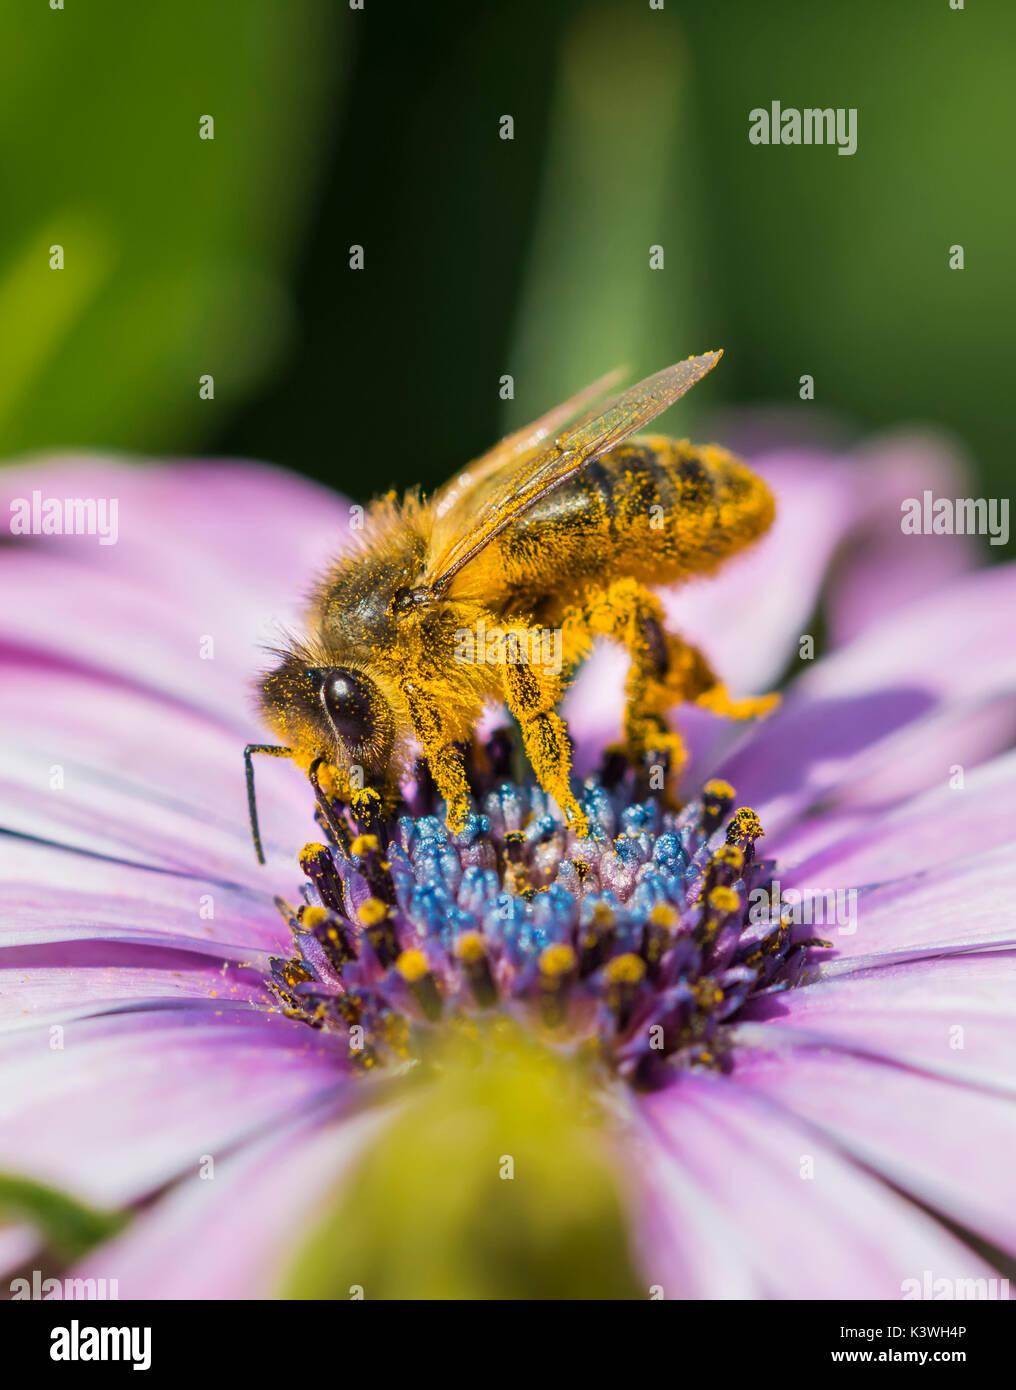 Apis mellifera (abeja de miel europea Osteospermum ecklonis) recogiendo el néctar de las flores / polinizando en West Sussex, Reino Unido. La polinización de las abejas. Las abejas de miel. Foto de stock